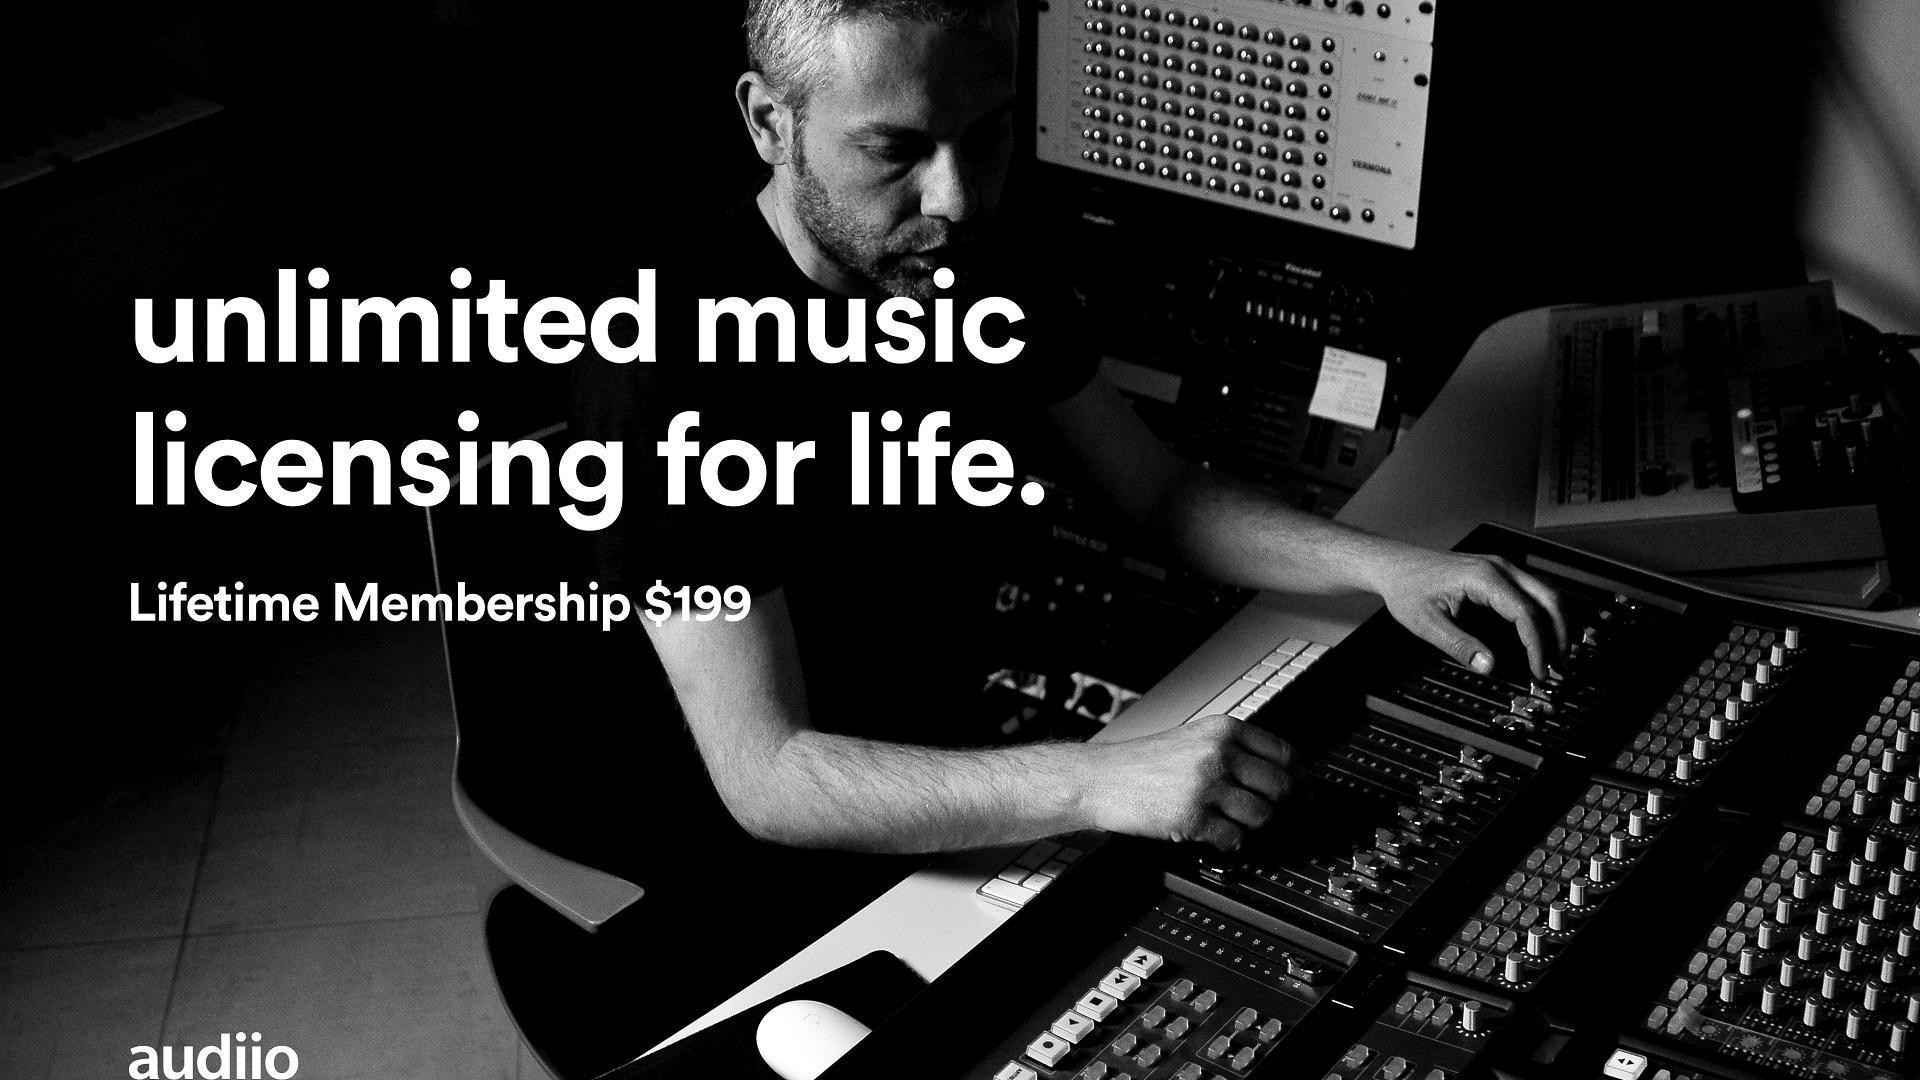 Audiio - nueva plataforma de licencias de música que ofrece una membresía de por vida de $ 199